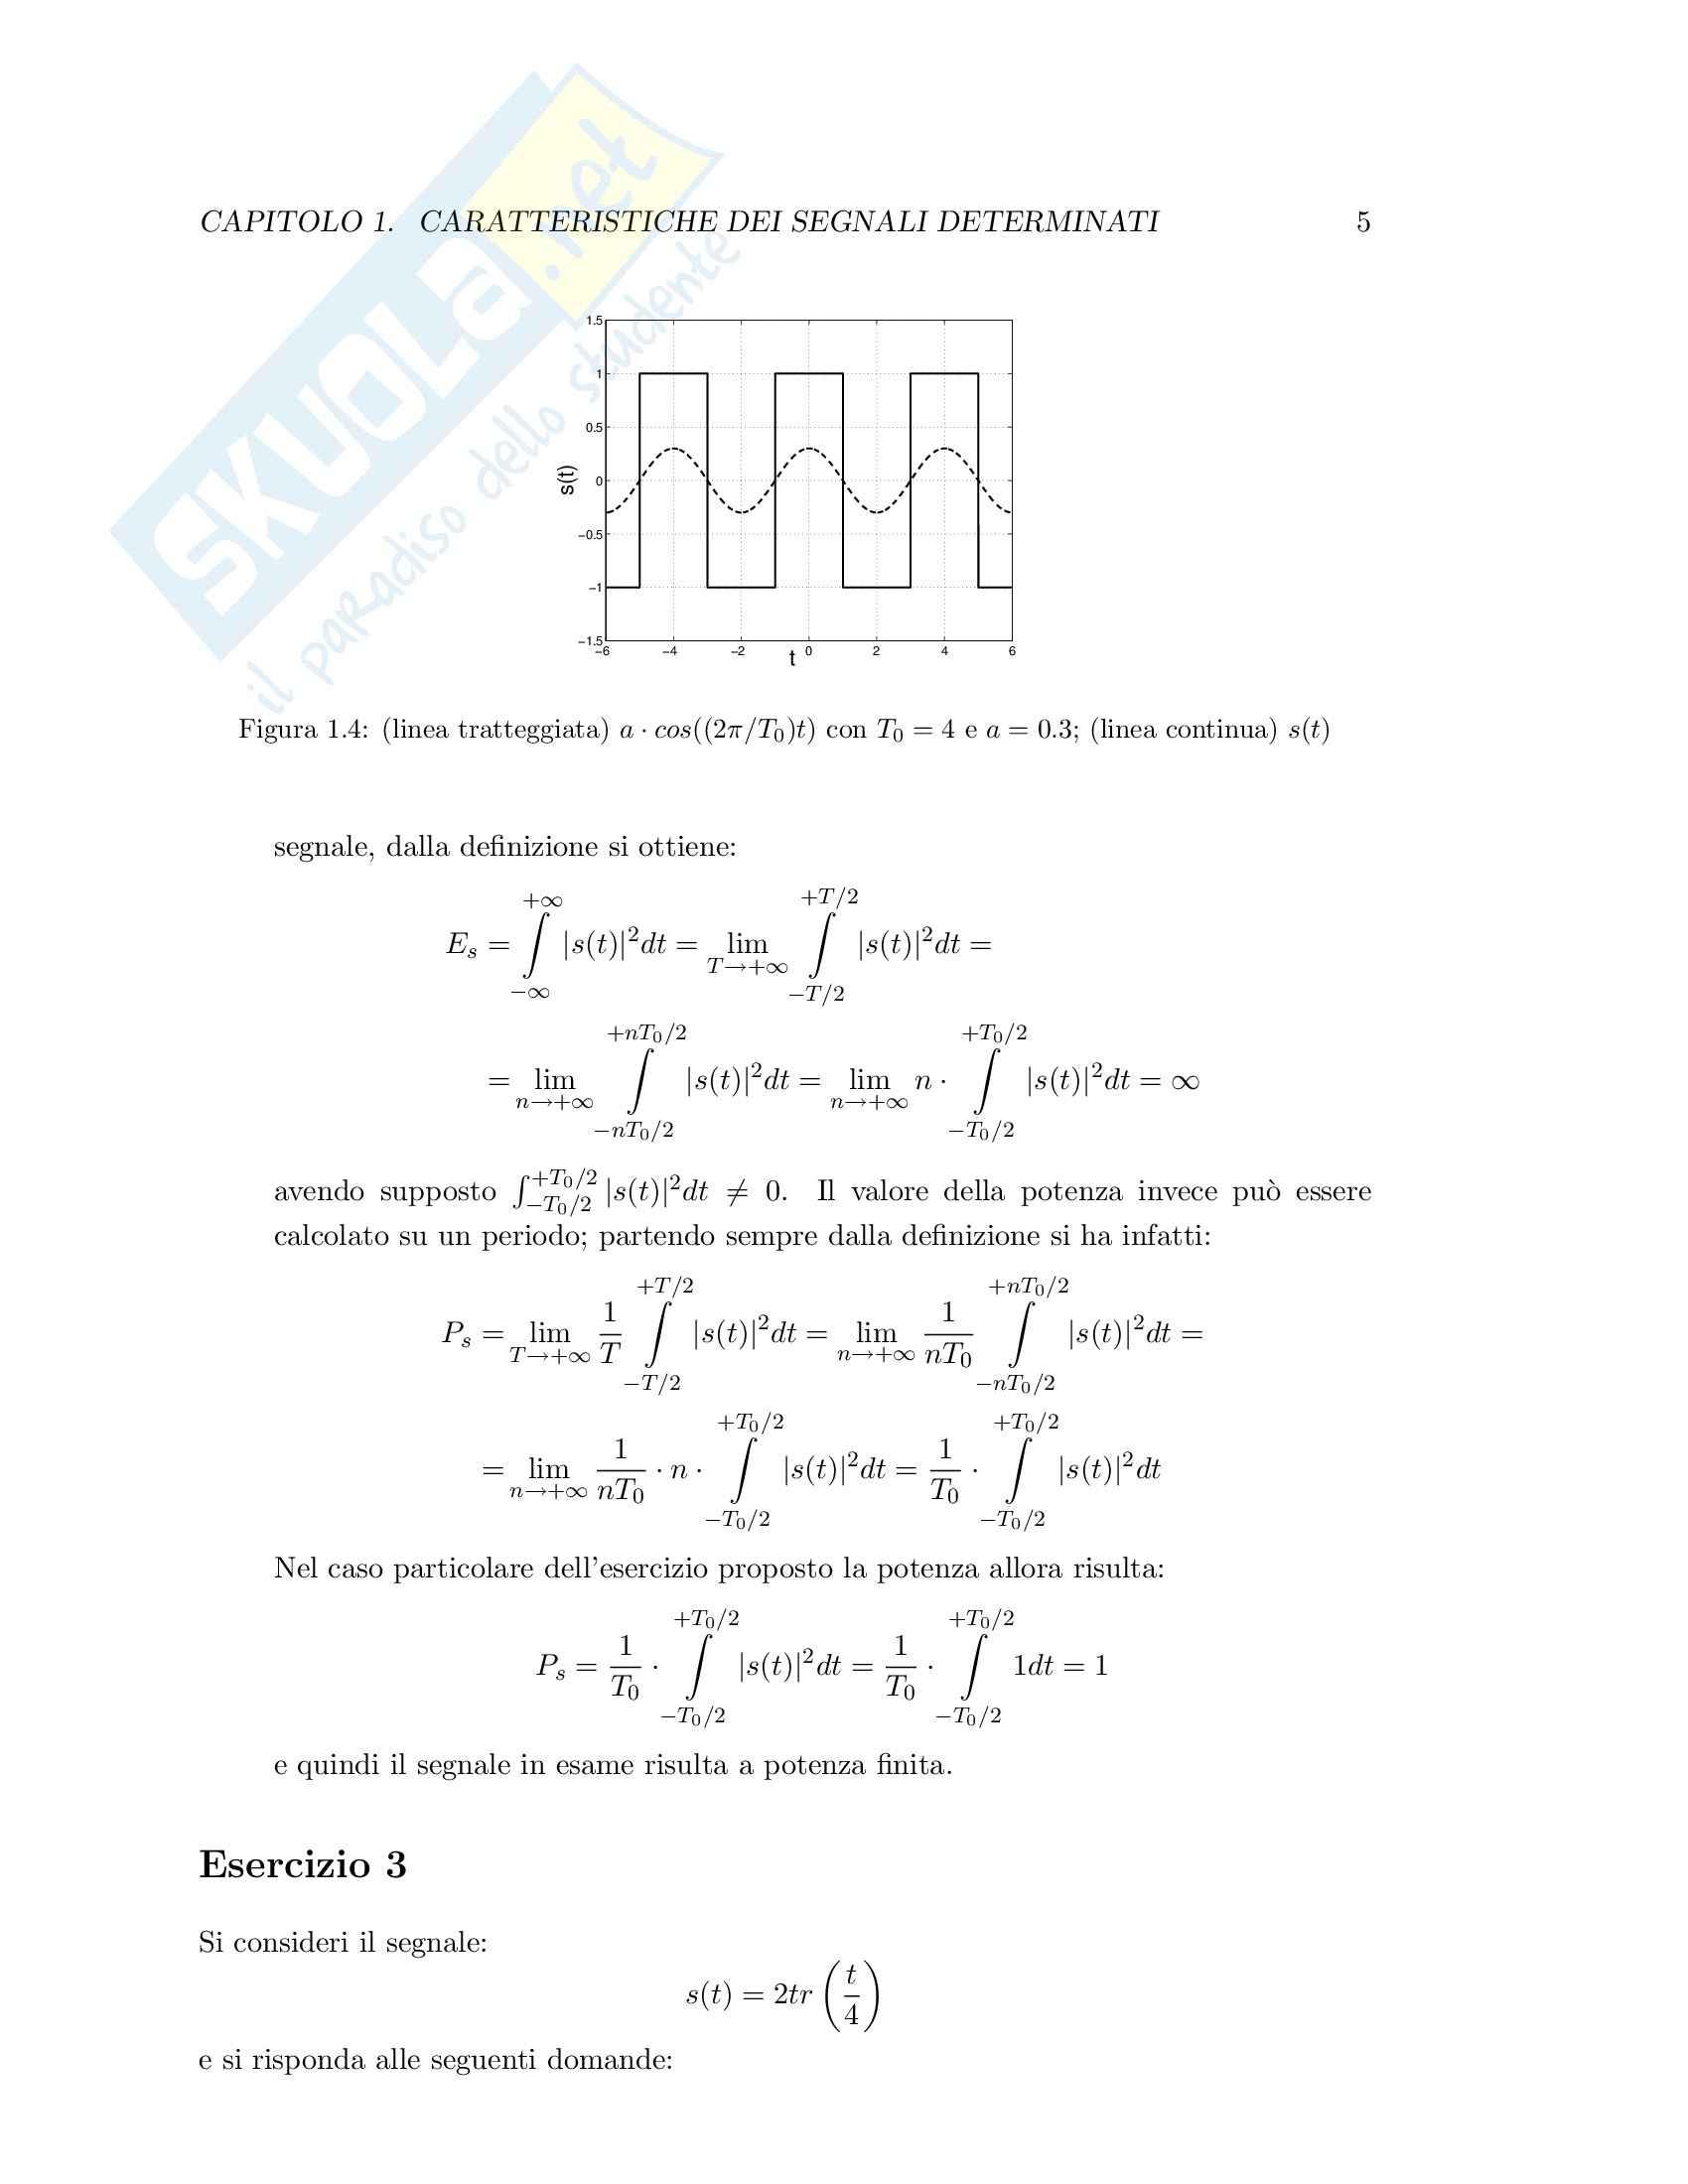 Teoria dei segnali - esercizi svolti Pag. 11